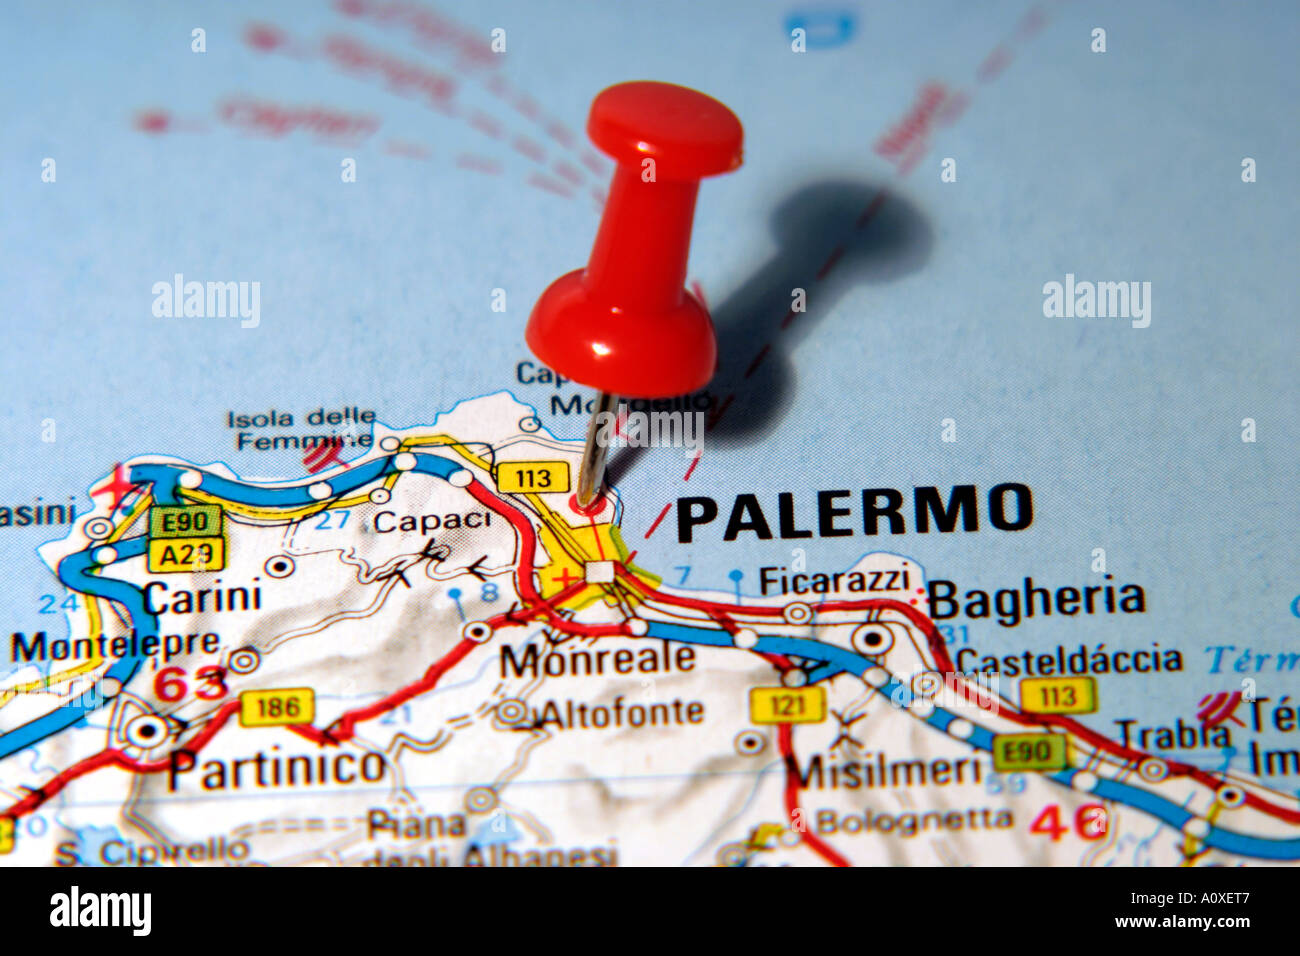 Sicilia Occidentale Cartina Stradale.Mappa Di Palermo Immagini E Fotos Stock Alamy